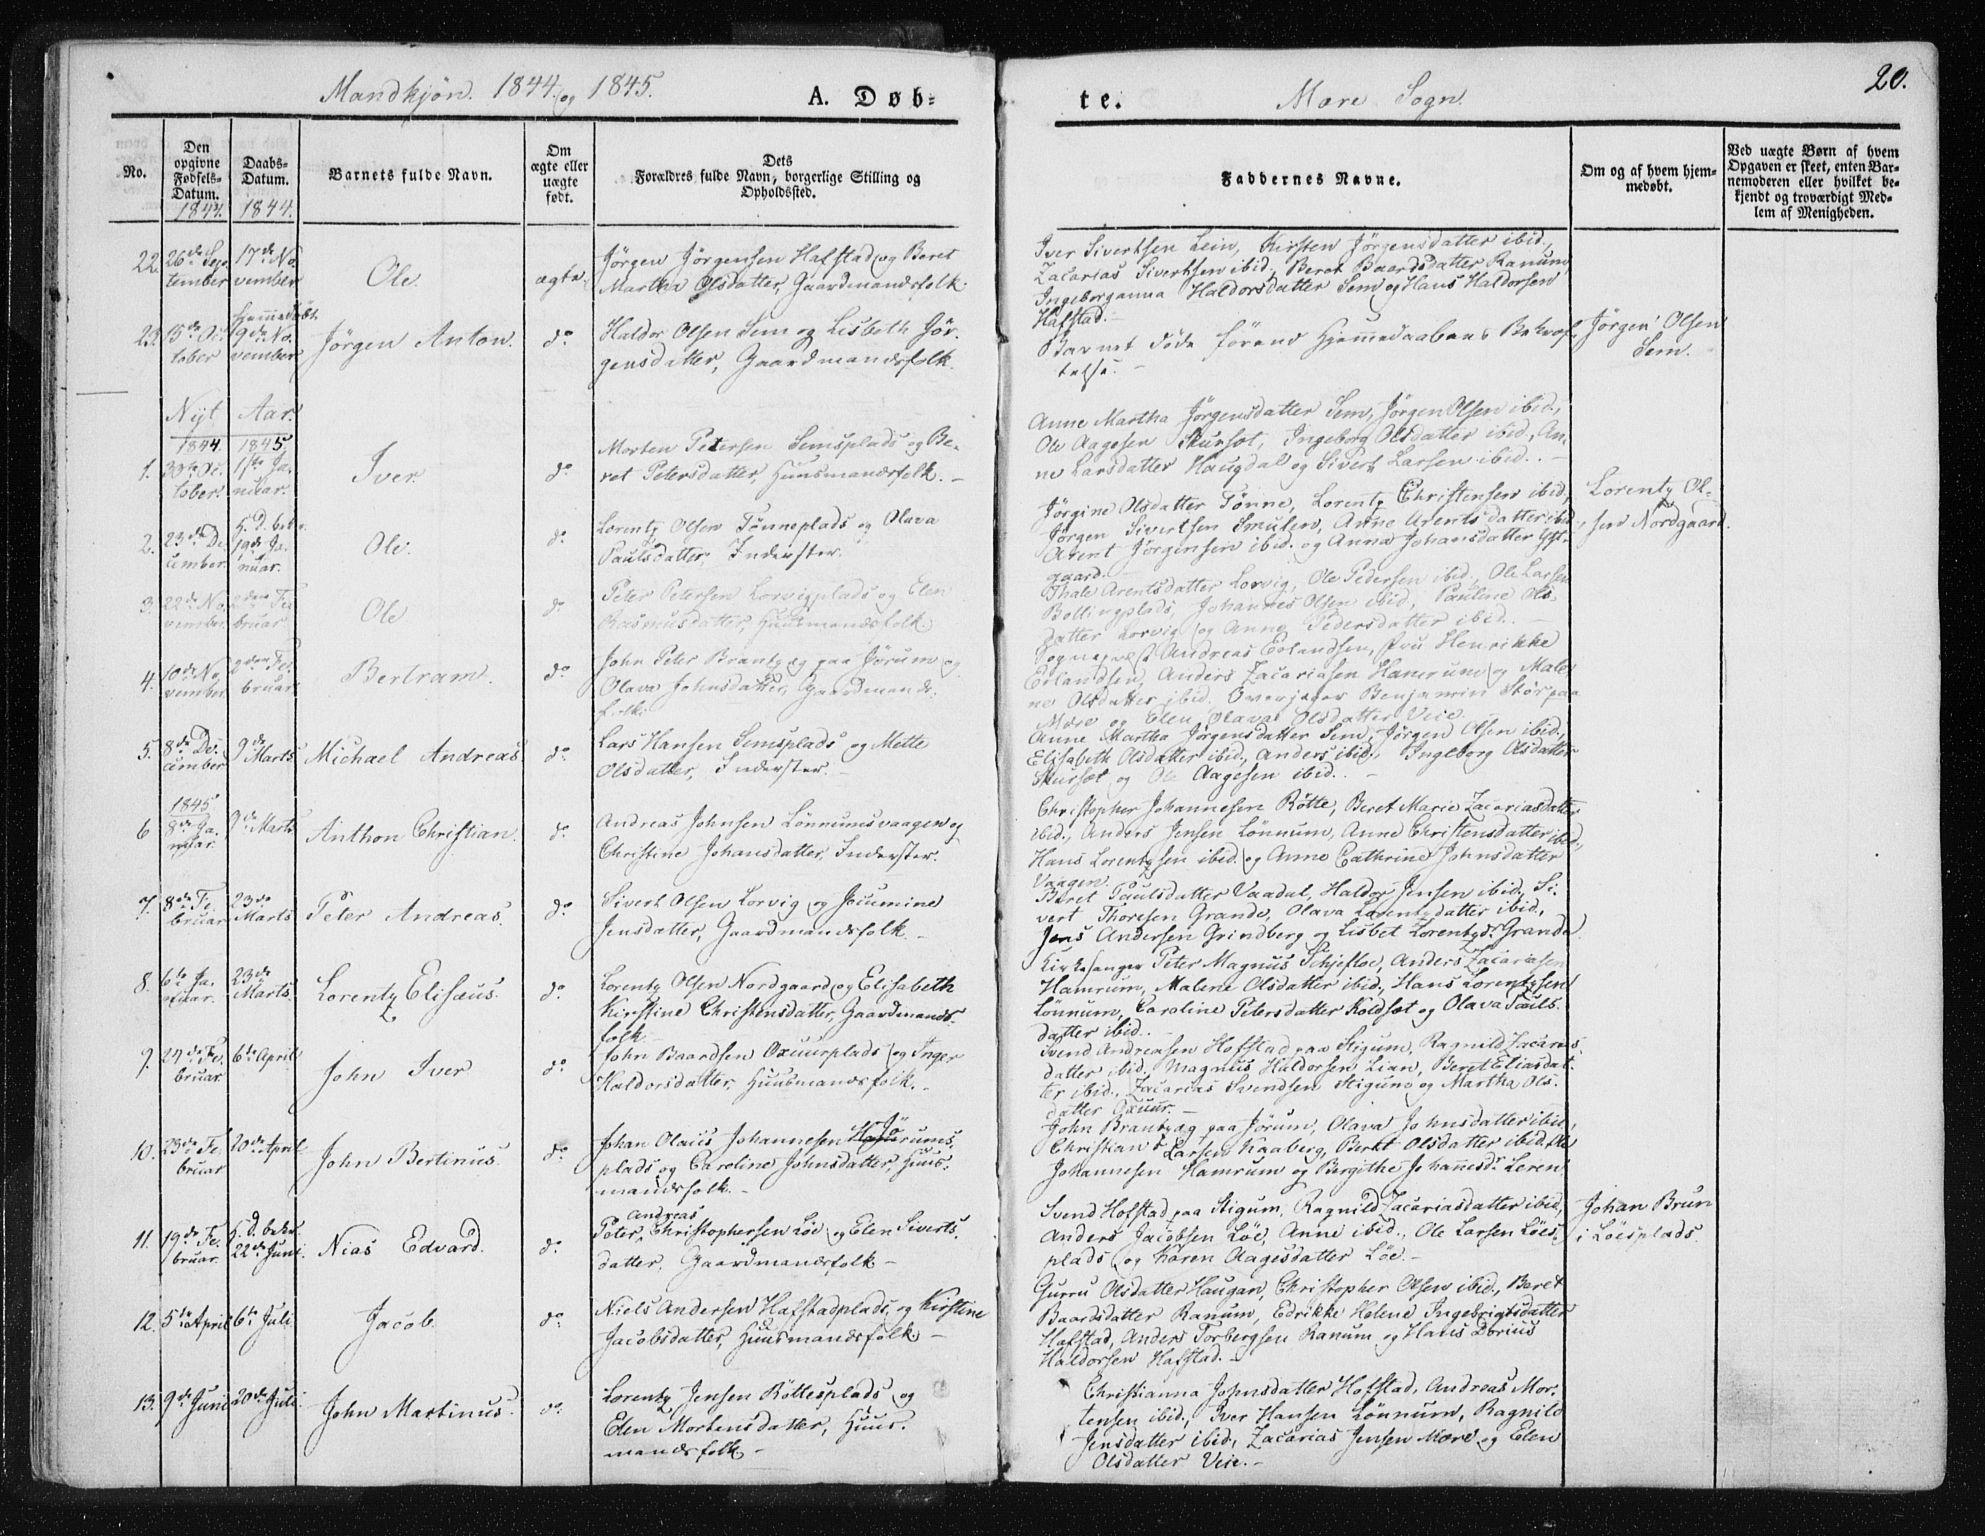 SAT, Ministerialprotokoller, klokkerbøker og fødselsregistre - Nord-Trøndelag, 735/L0339: Ministerialbok nr. 735A06 /1, 1836-1848, s. 20